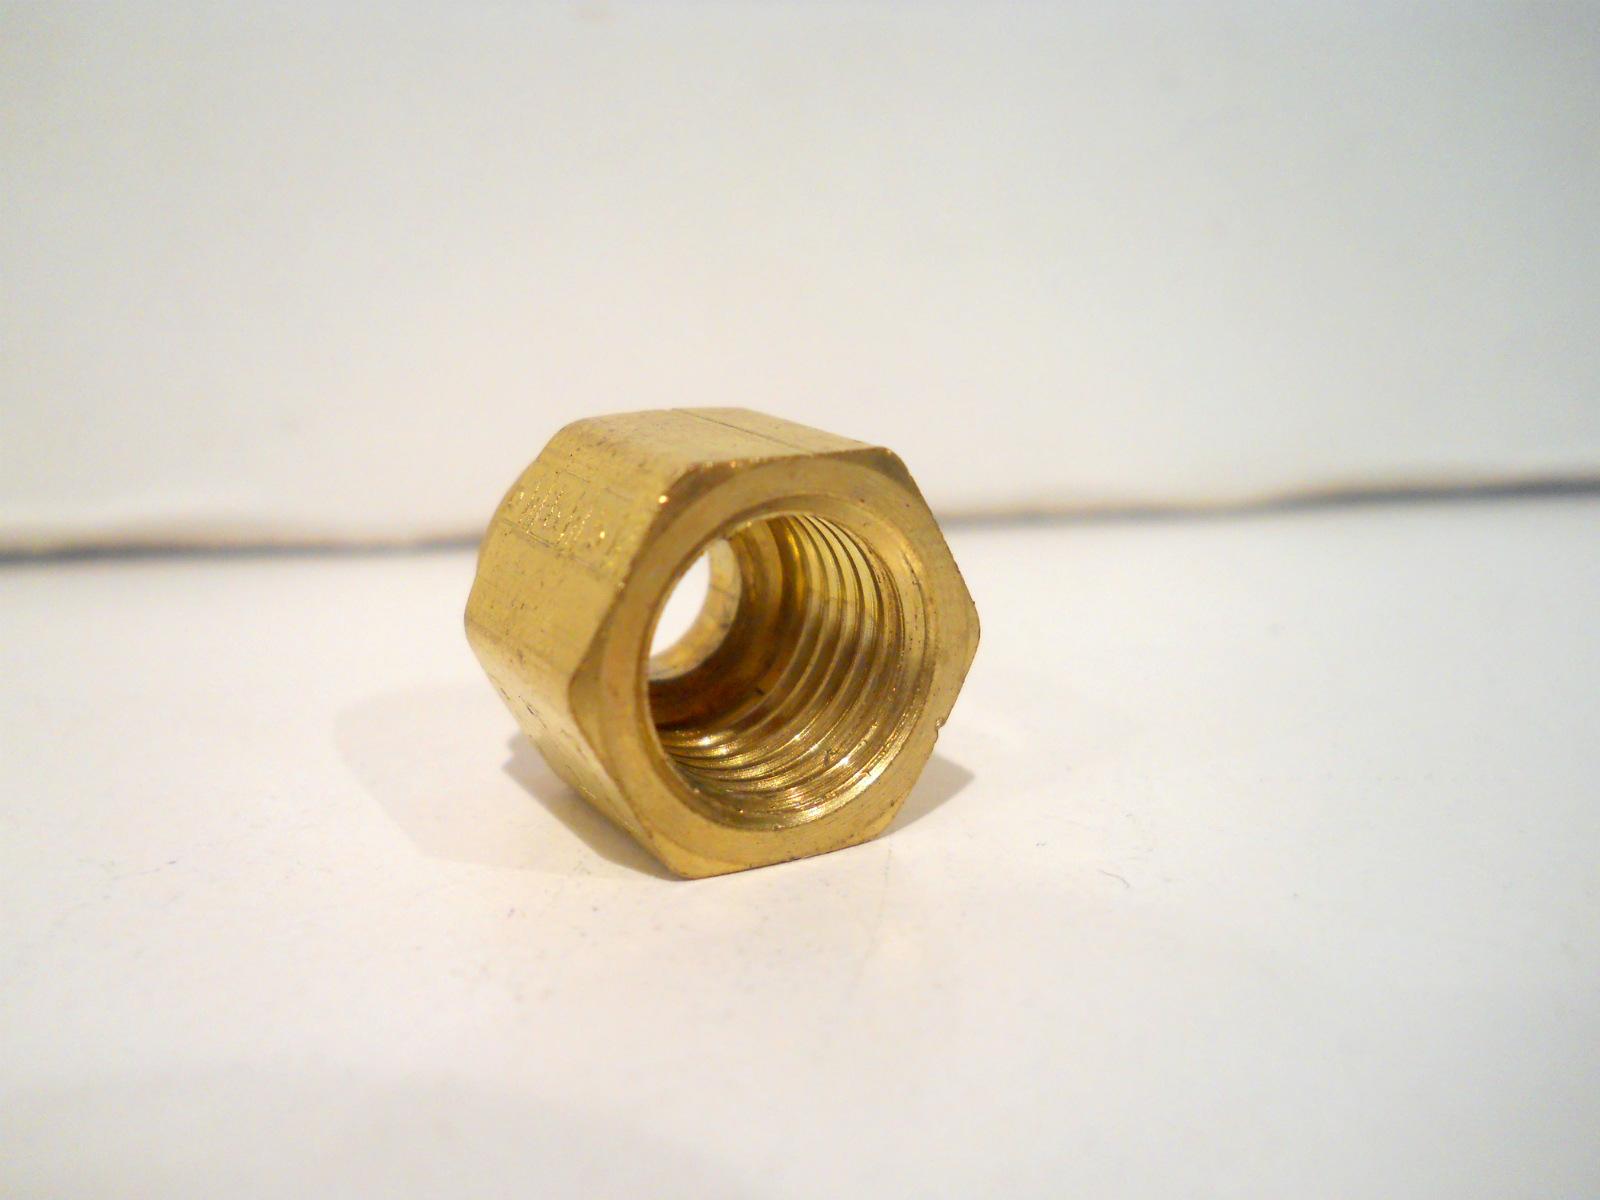 New parker brass quot tube female npt bulkhead